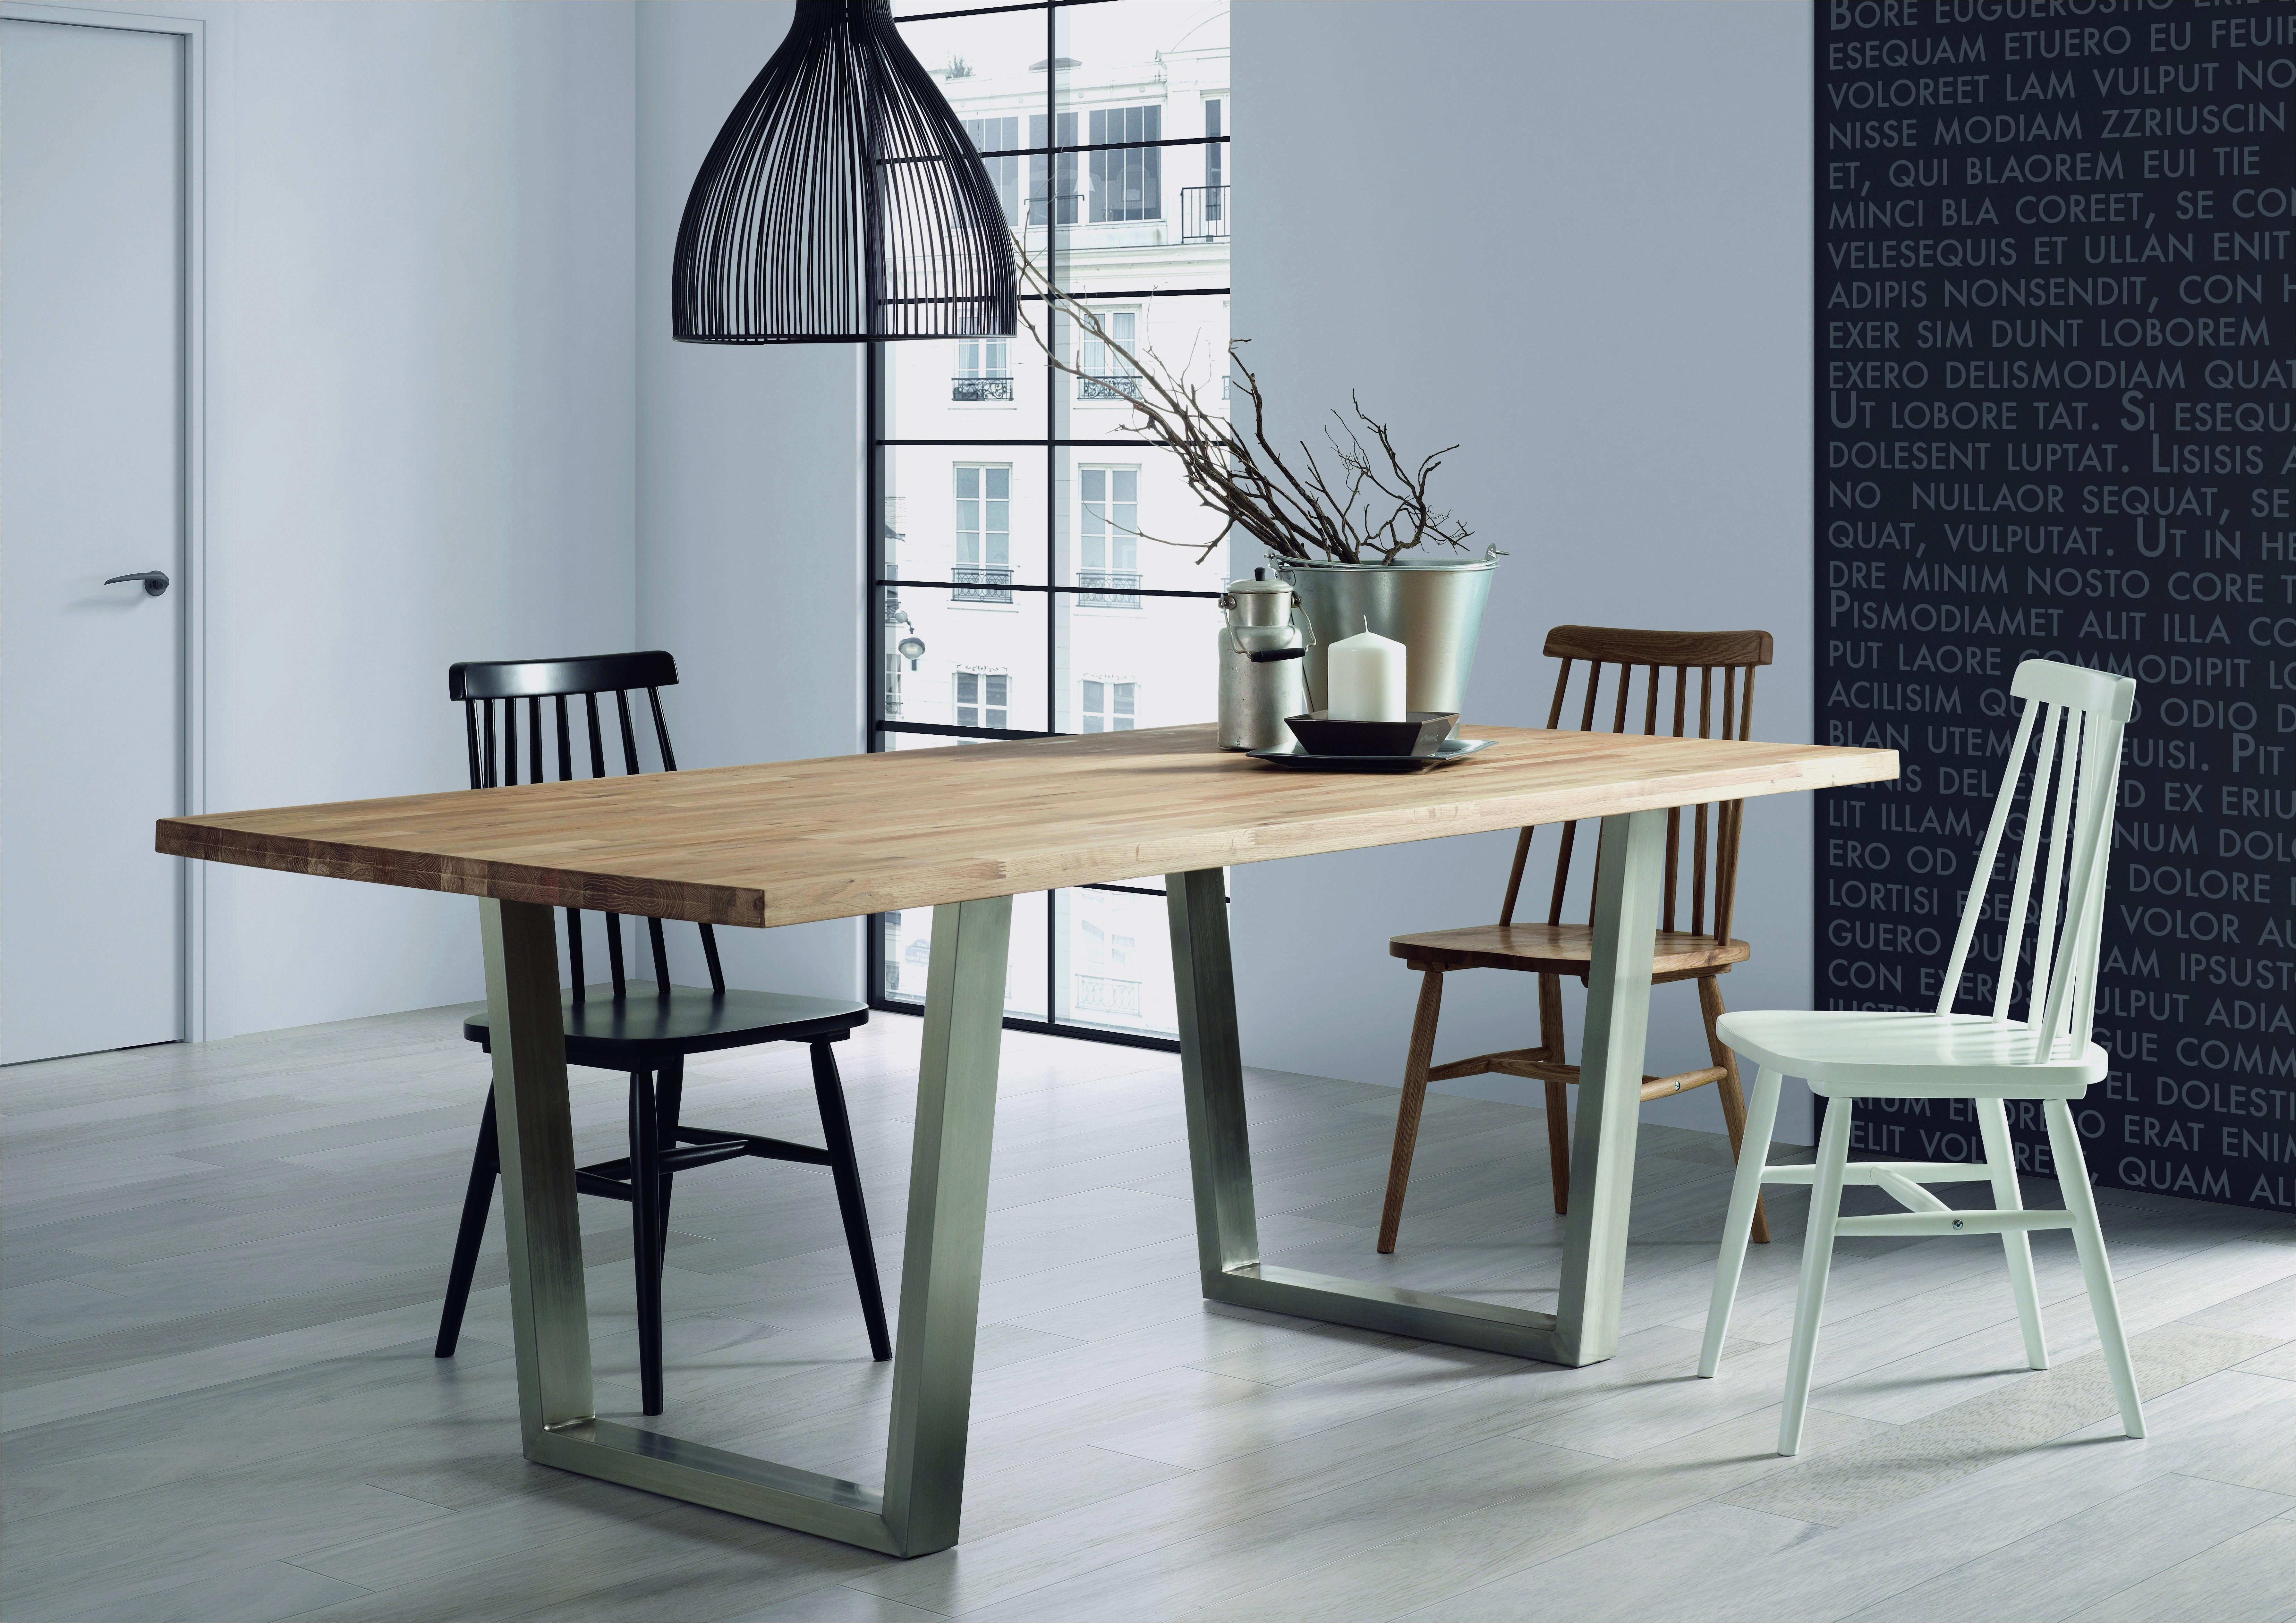 Bz Pas Cher Ikea Inspirant Images Bout De Canap Ika Bz Ikea 2 Places élégant Bz Futon Best Matelas